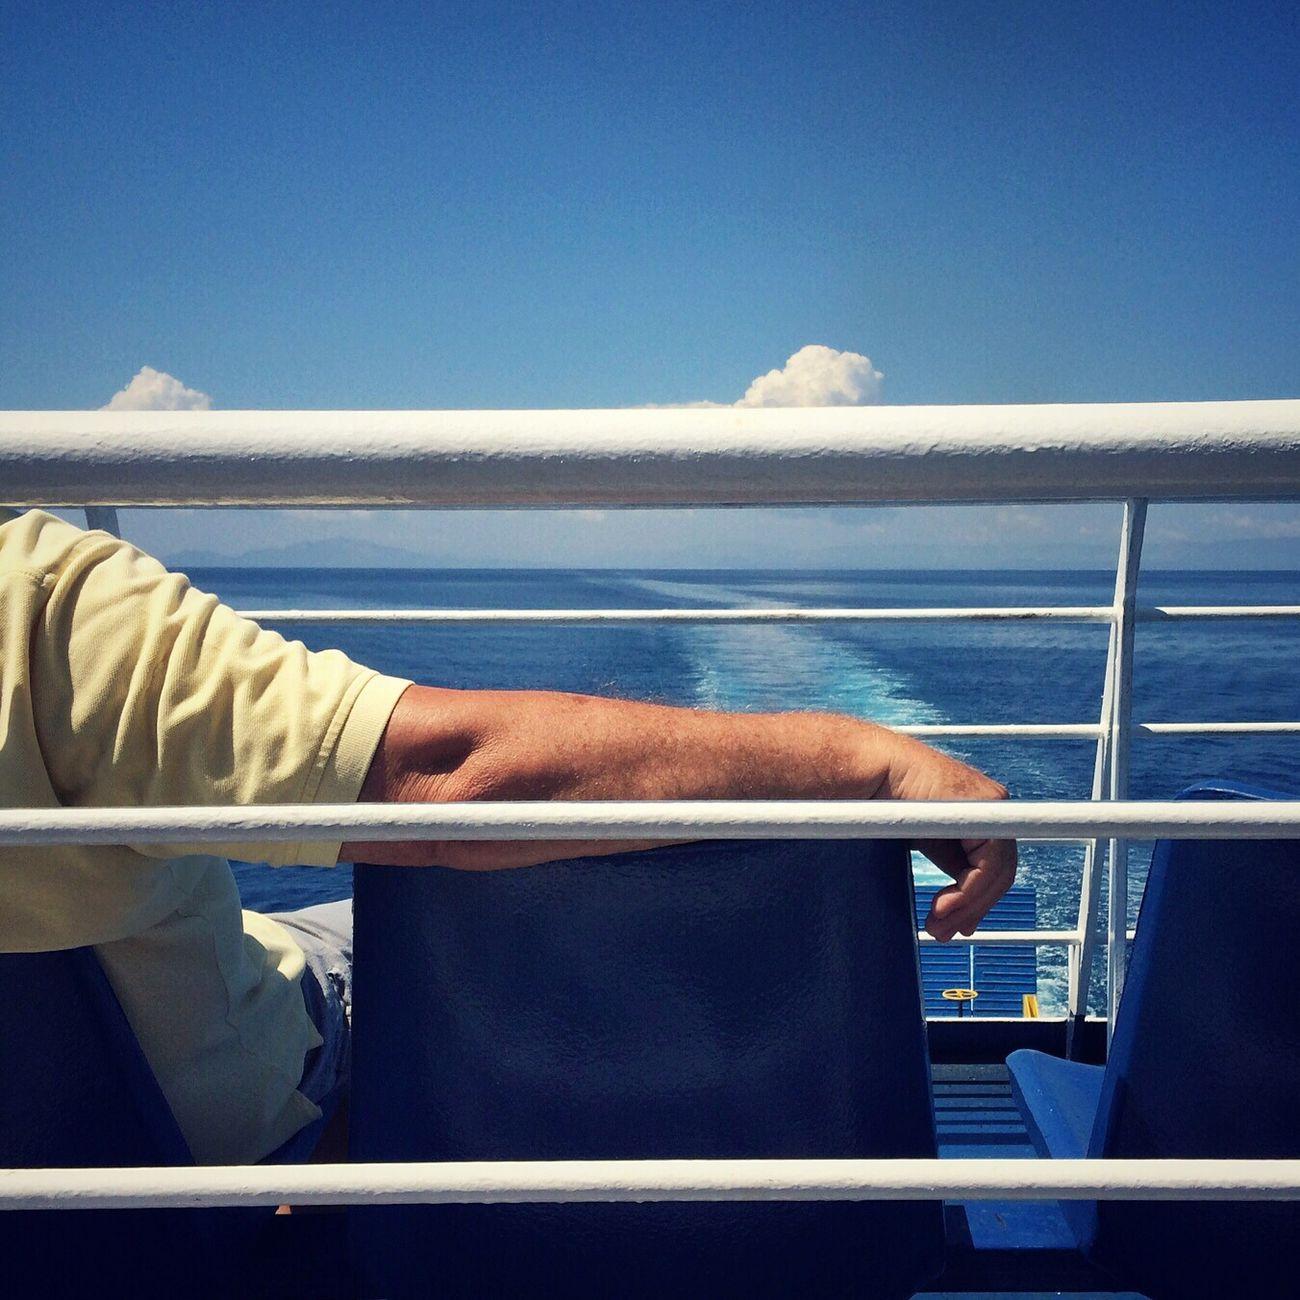 Blue Ferry Summer